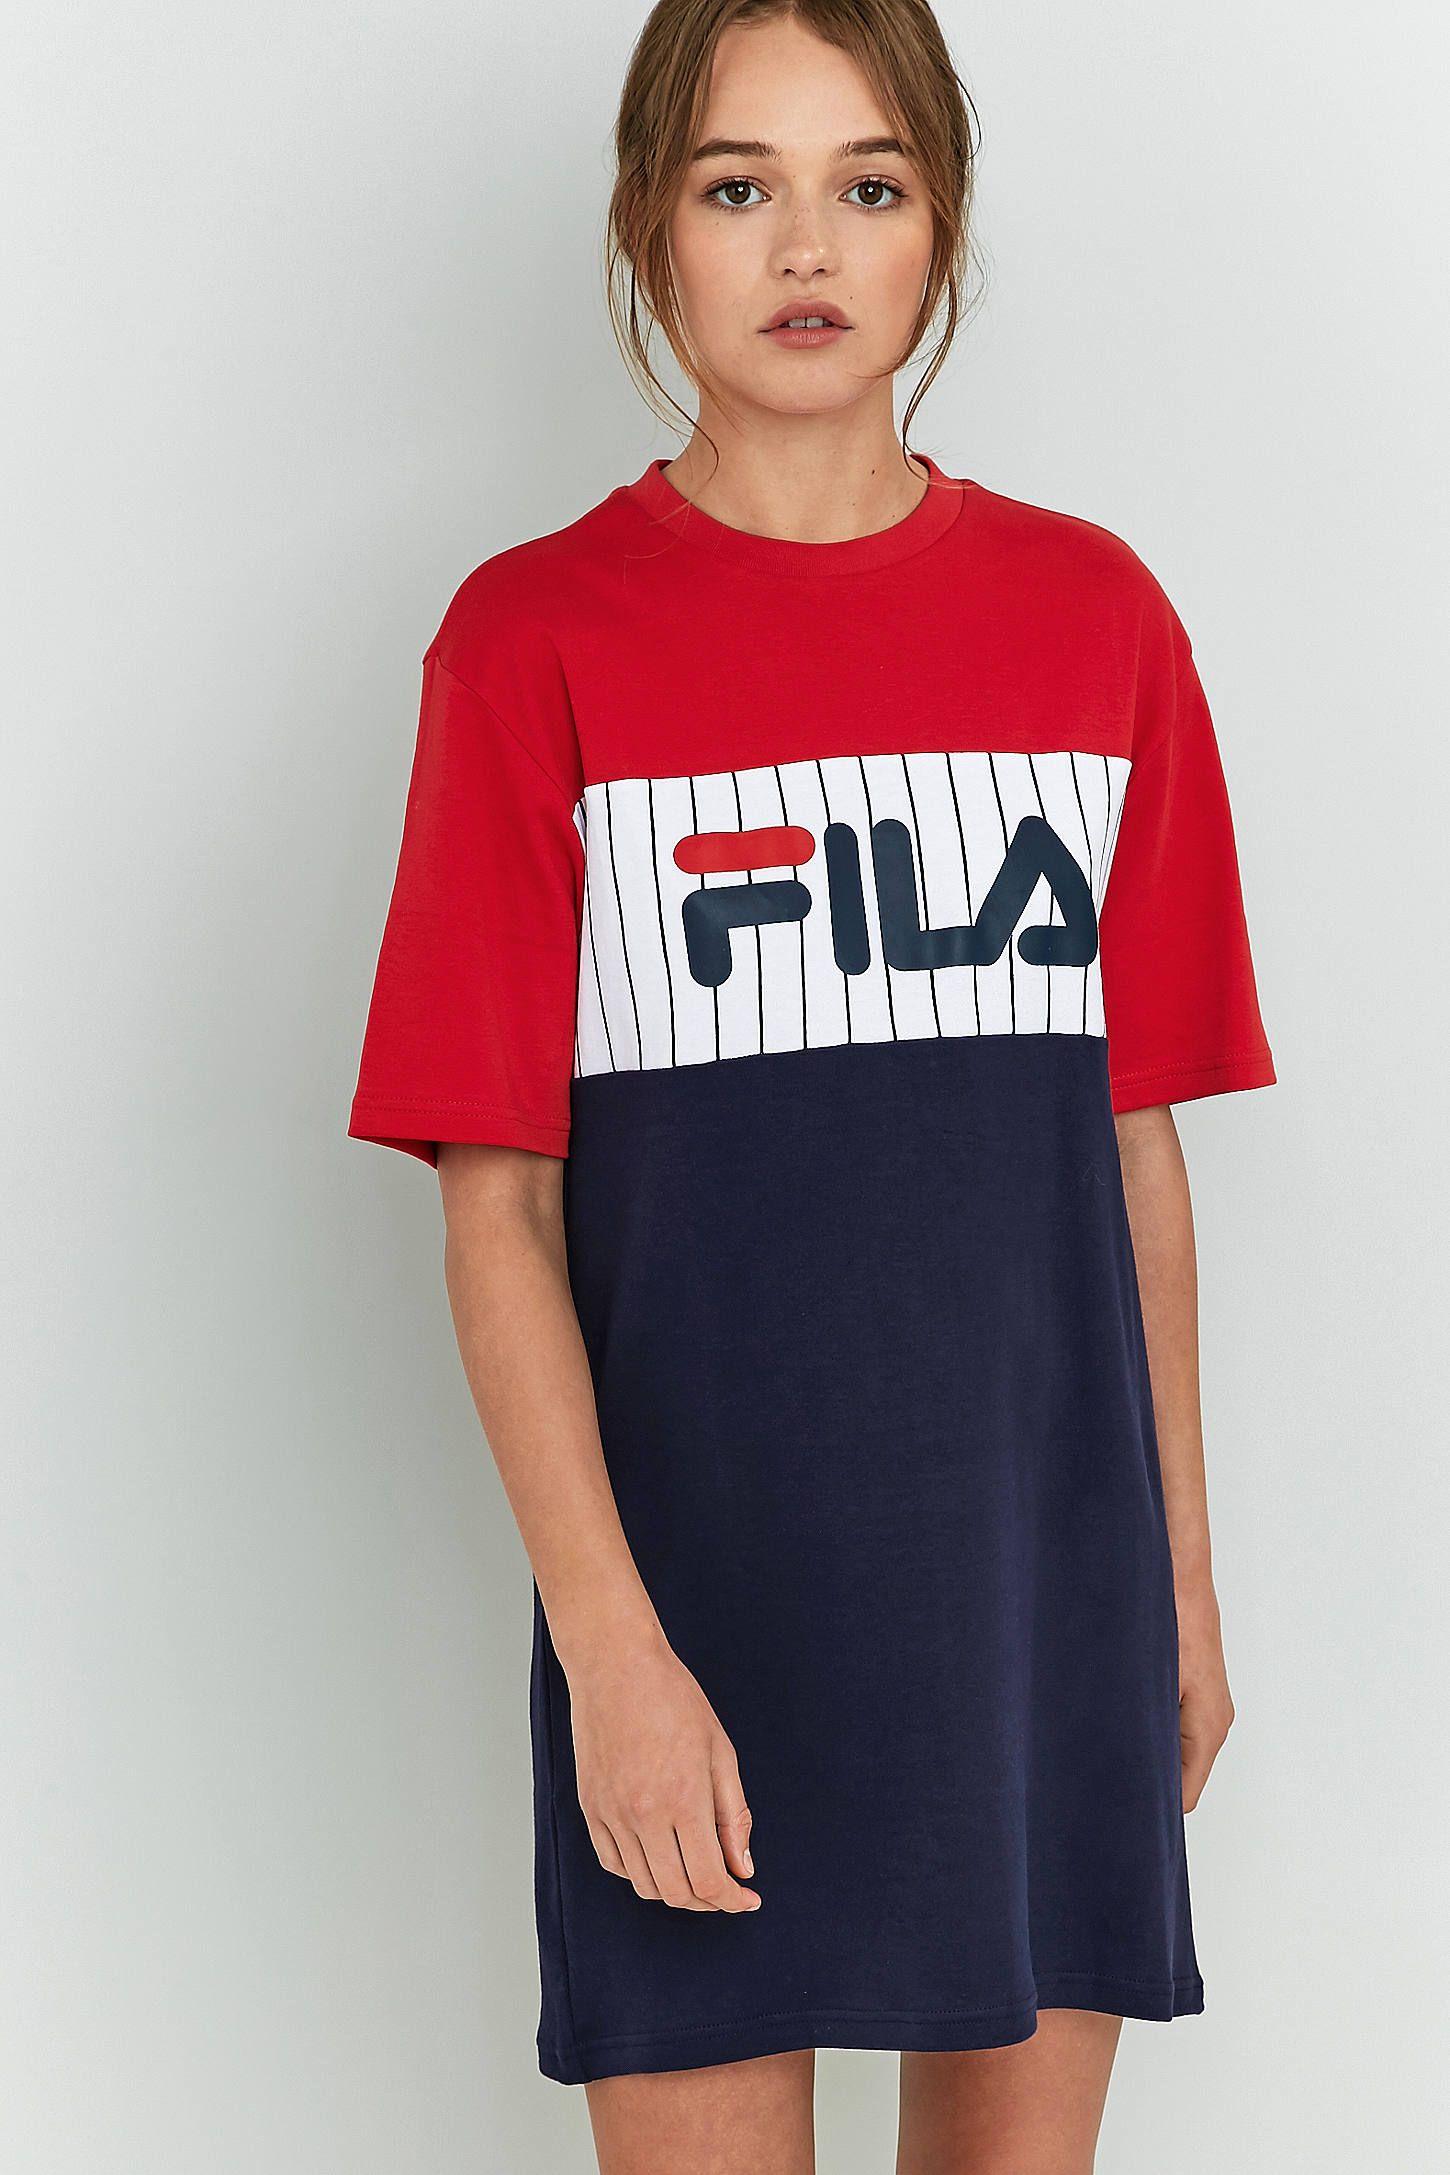 Achetez vite FILA - Robe t-shirt Ruby sur Urban Outfitters. Choisissez  parmi les